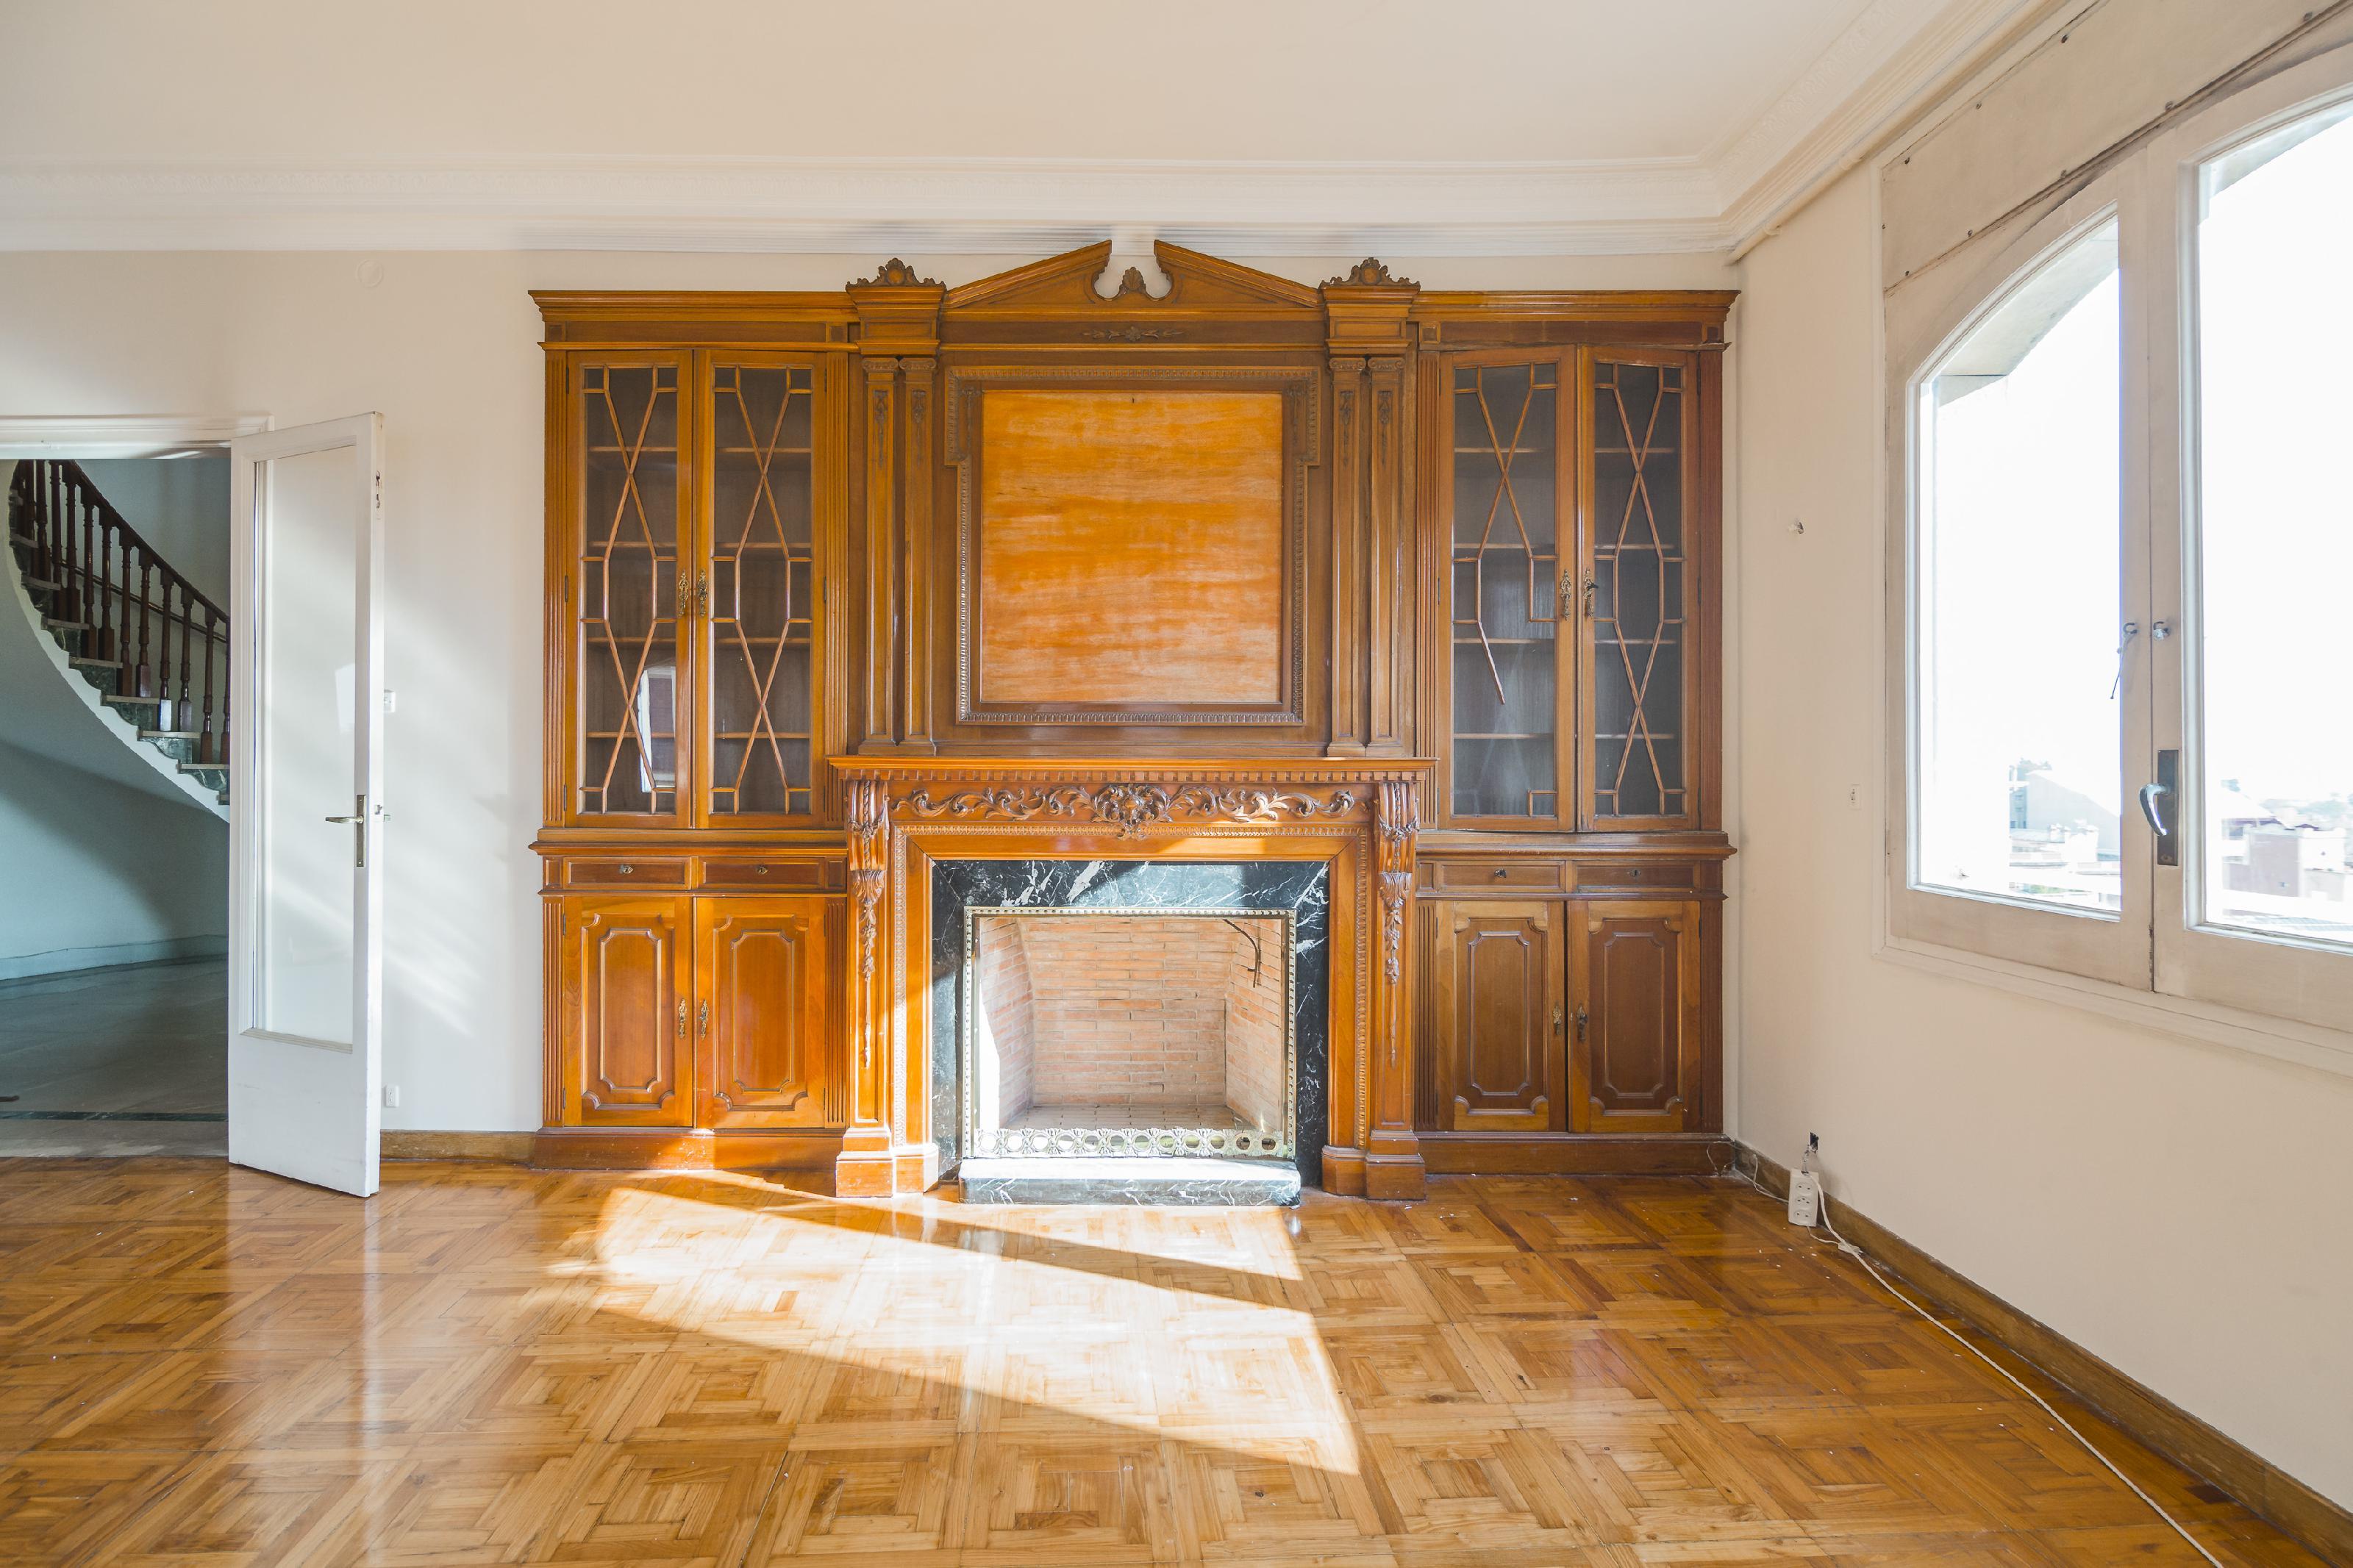 246643 Penthouse for sale in Sarrià-Sant Gervasi, St. Gervasi-Bonanova 12